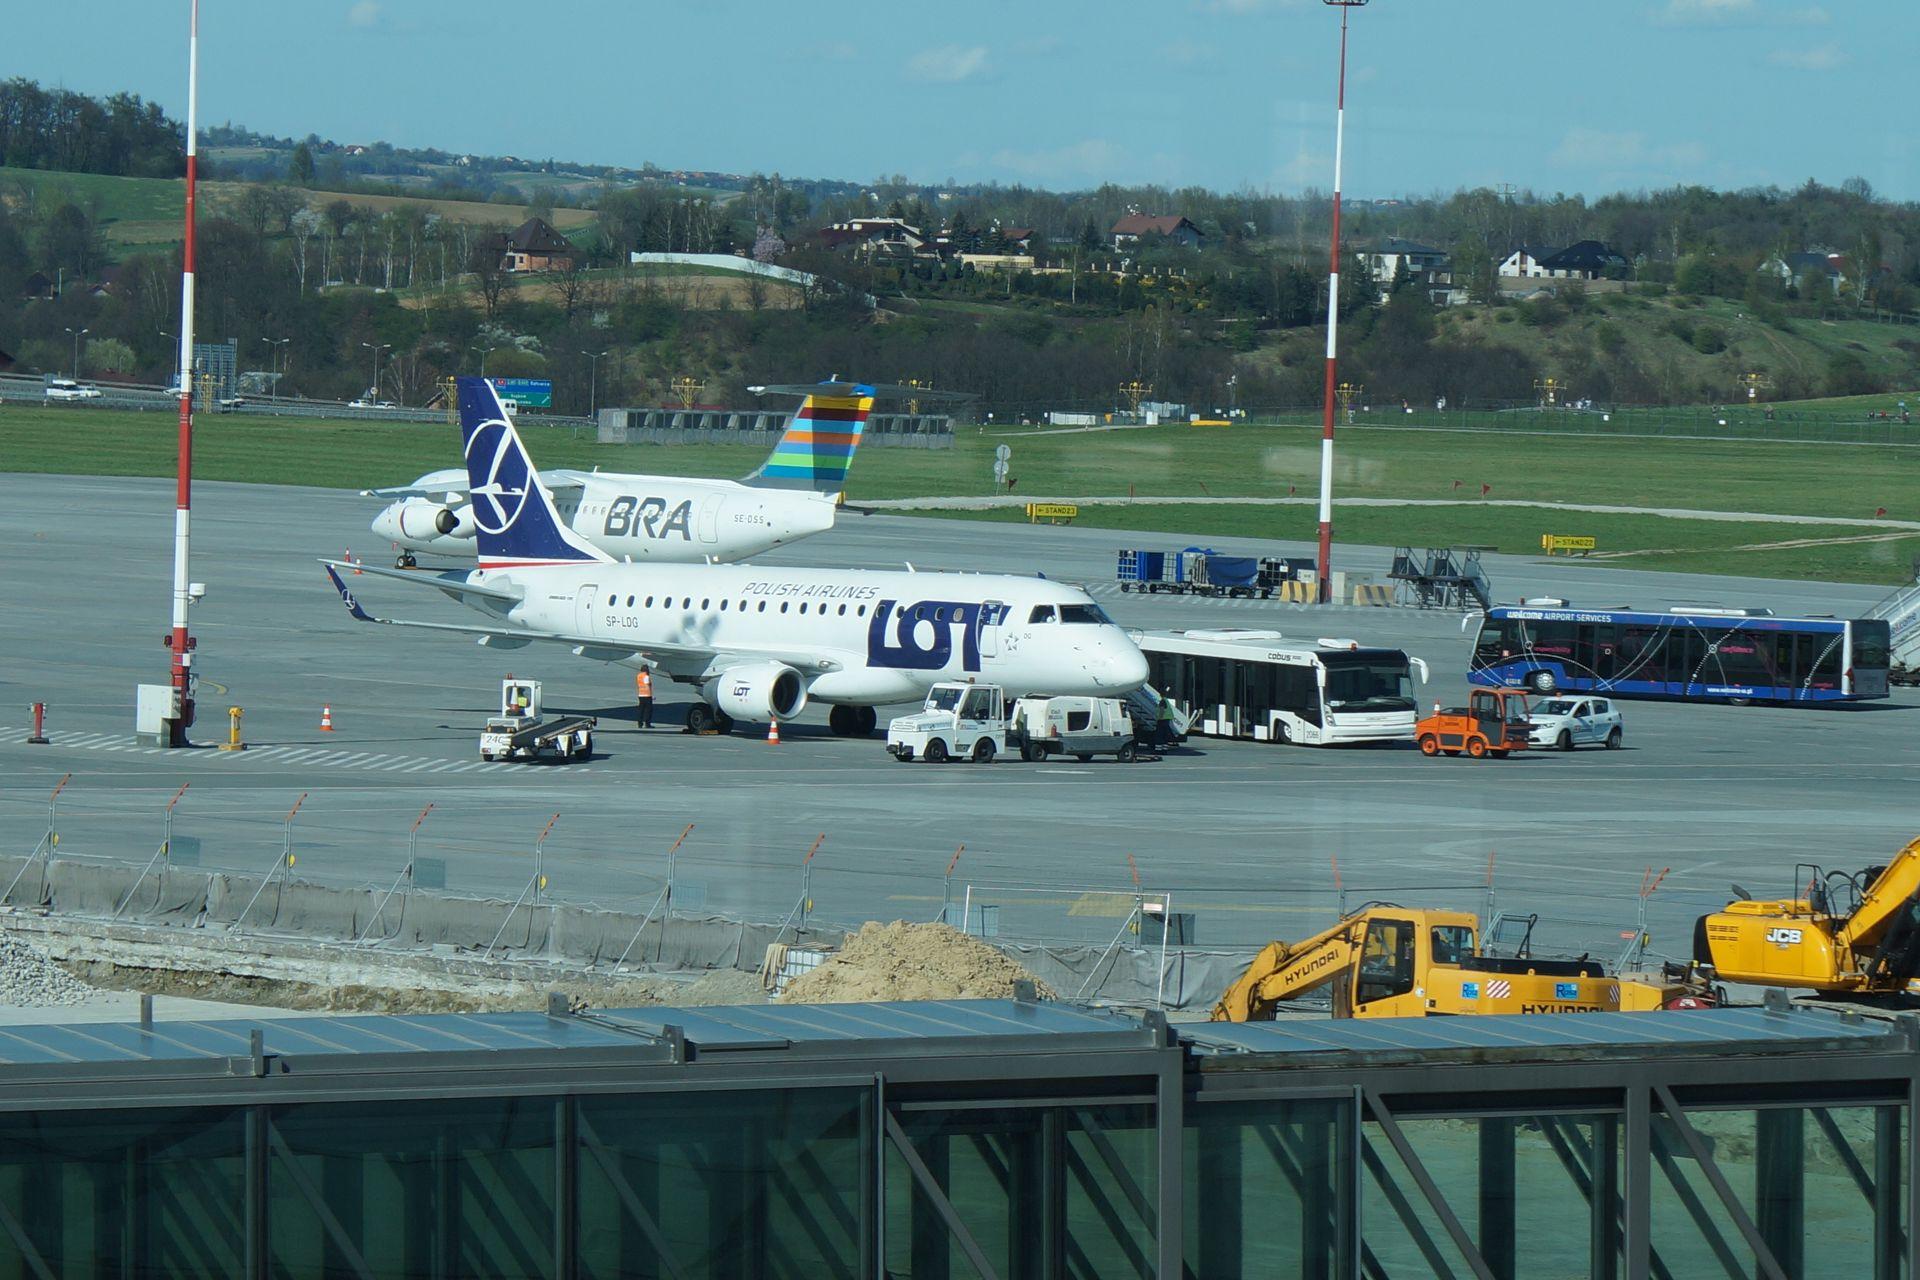 Ogłoszono przetarg na budowę nowego terminala cargo w Kraków Airport